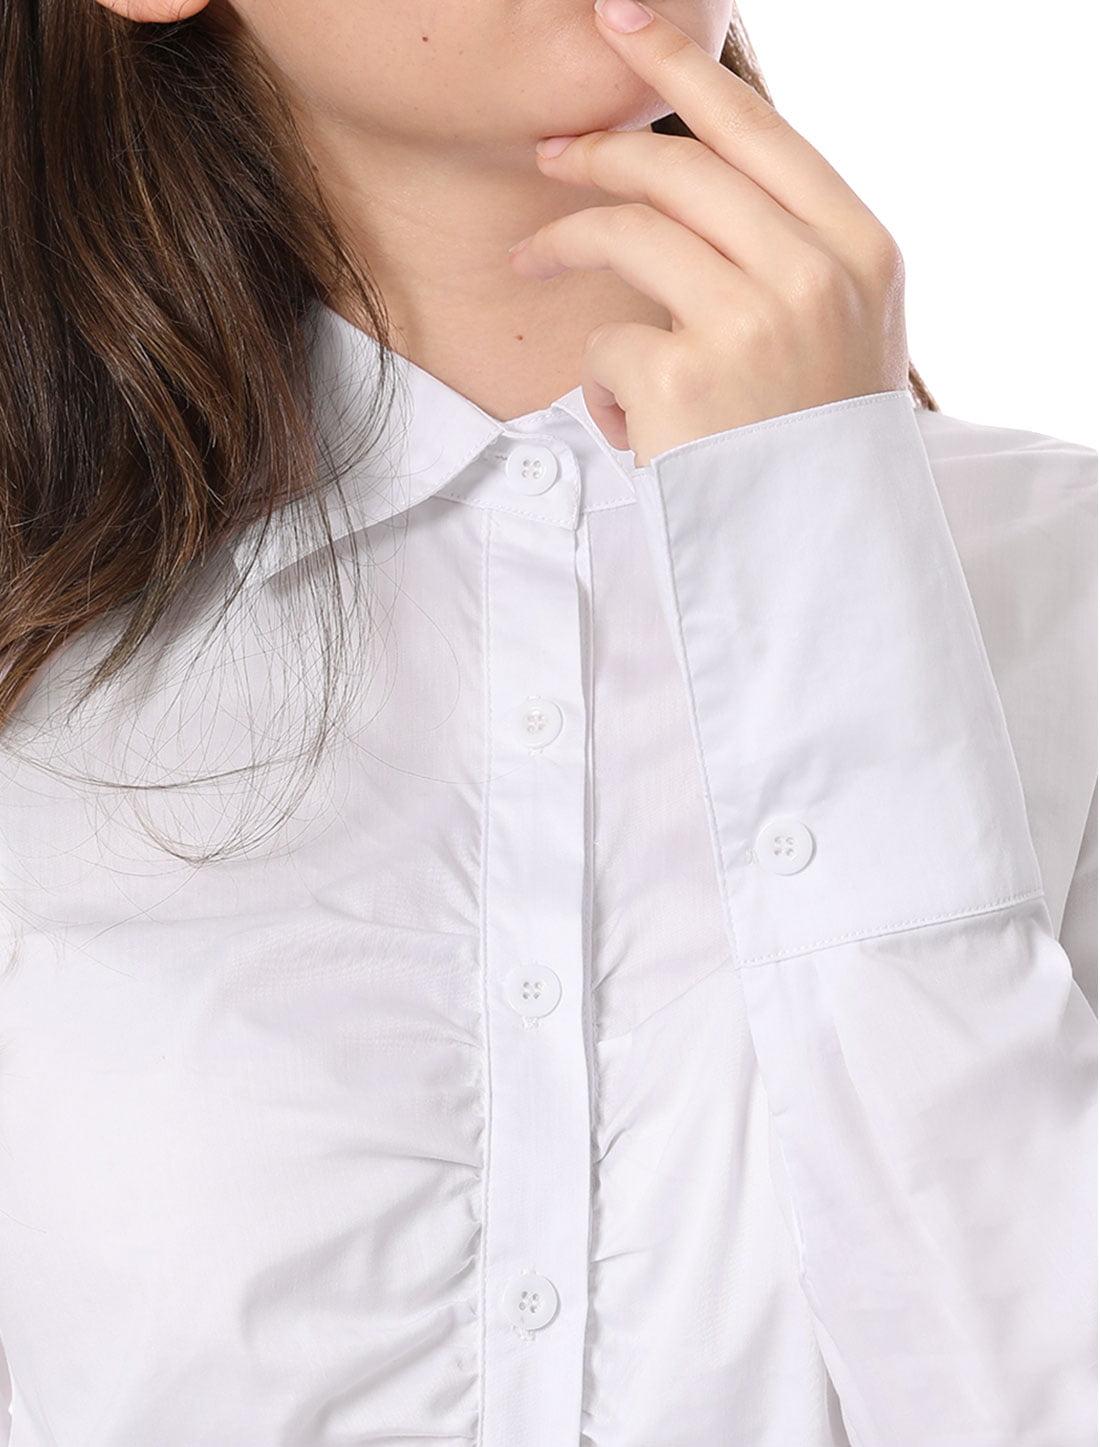 dbe8d18b64e Unique Bargains Allegra K Women s Ruched Button Up Shirt White (Size M   8)